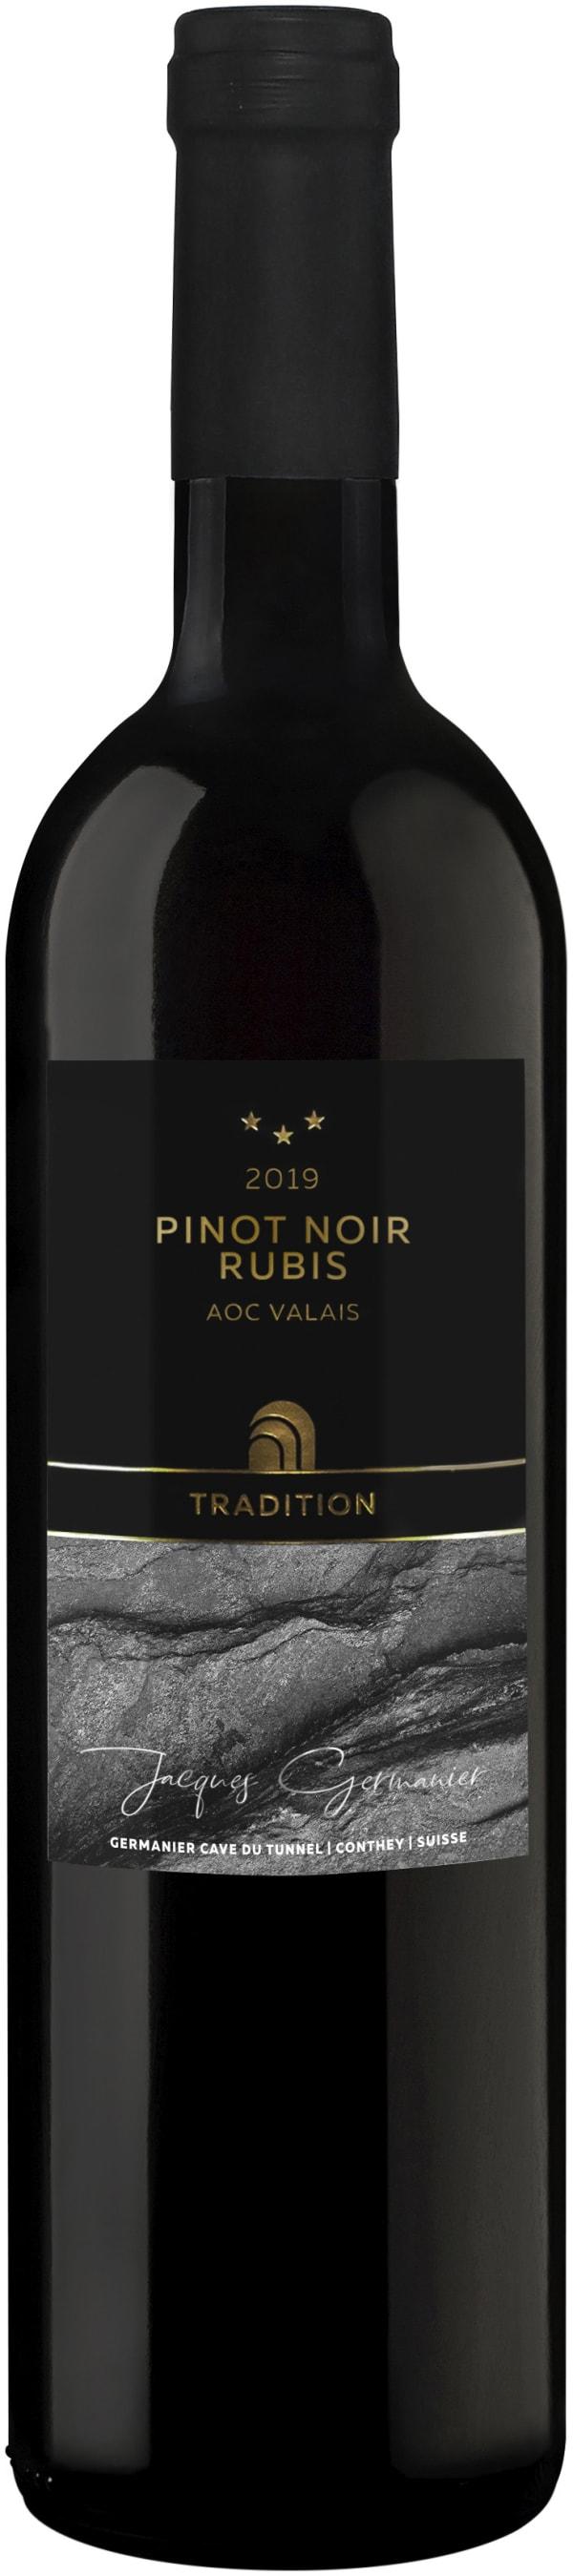 Germanier Pinot Noir Rubis 2019